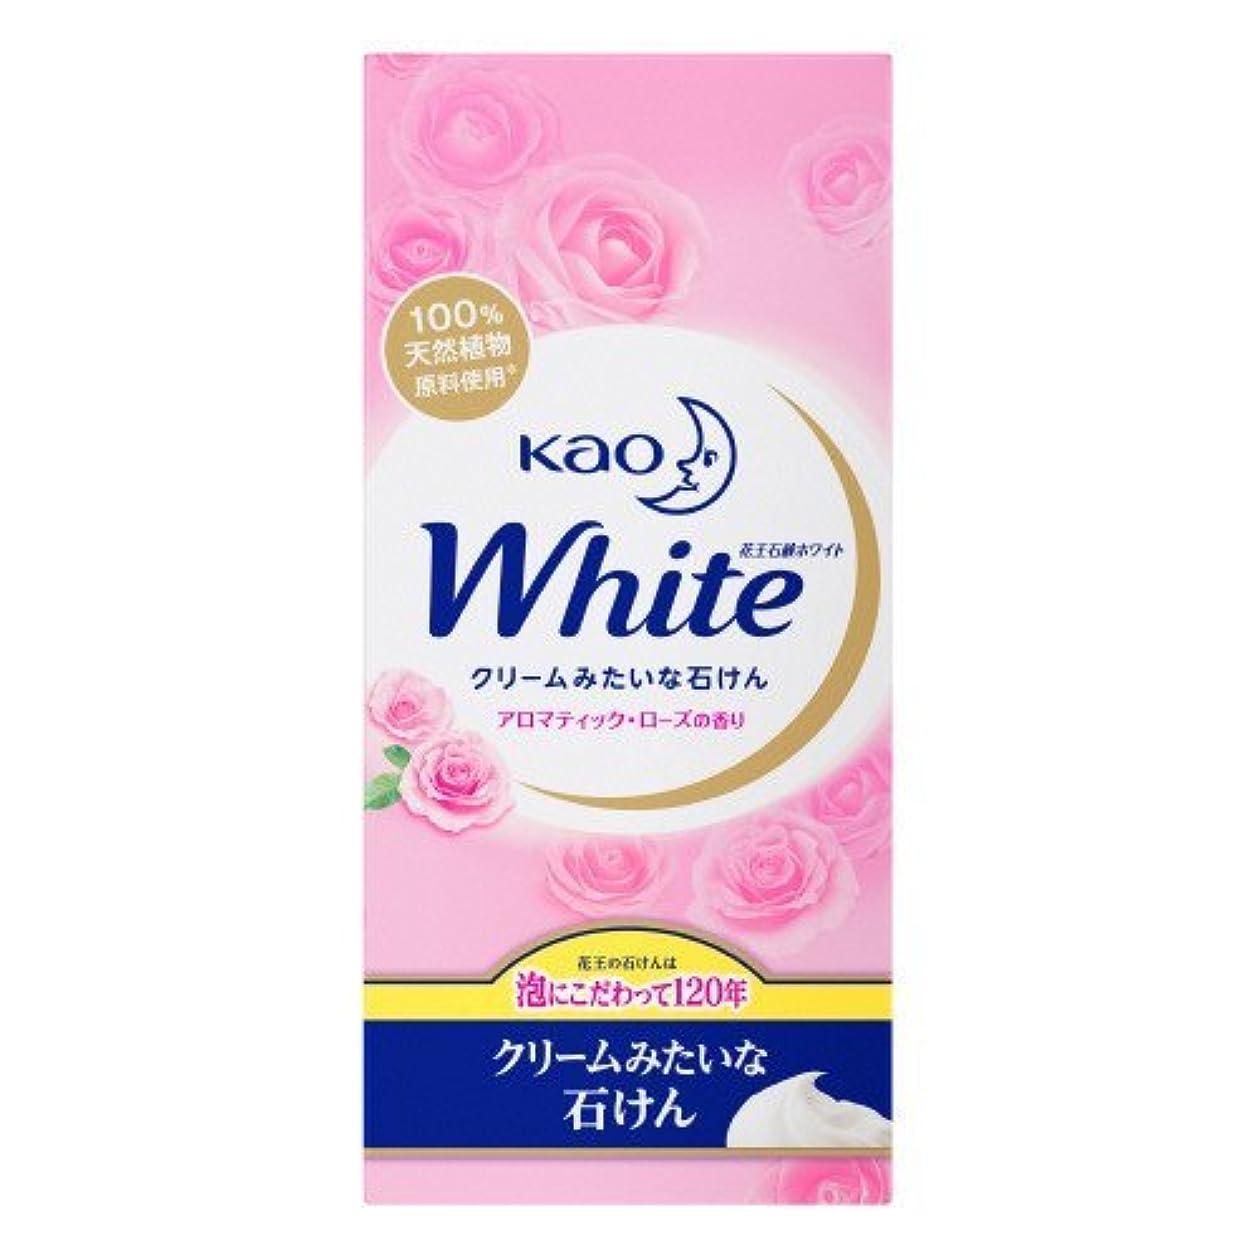 大使フィットネス栄養【花王】花王ホワイト アロマティックローズの香りレギュラーサイズ (85g×6個) ×20個セット